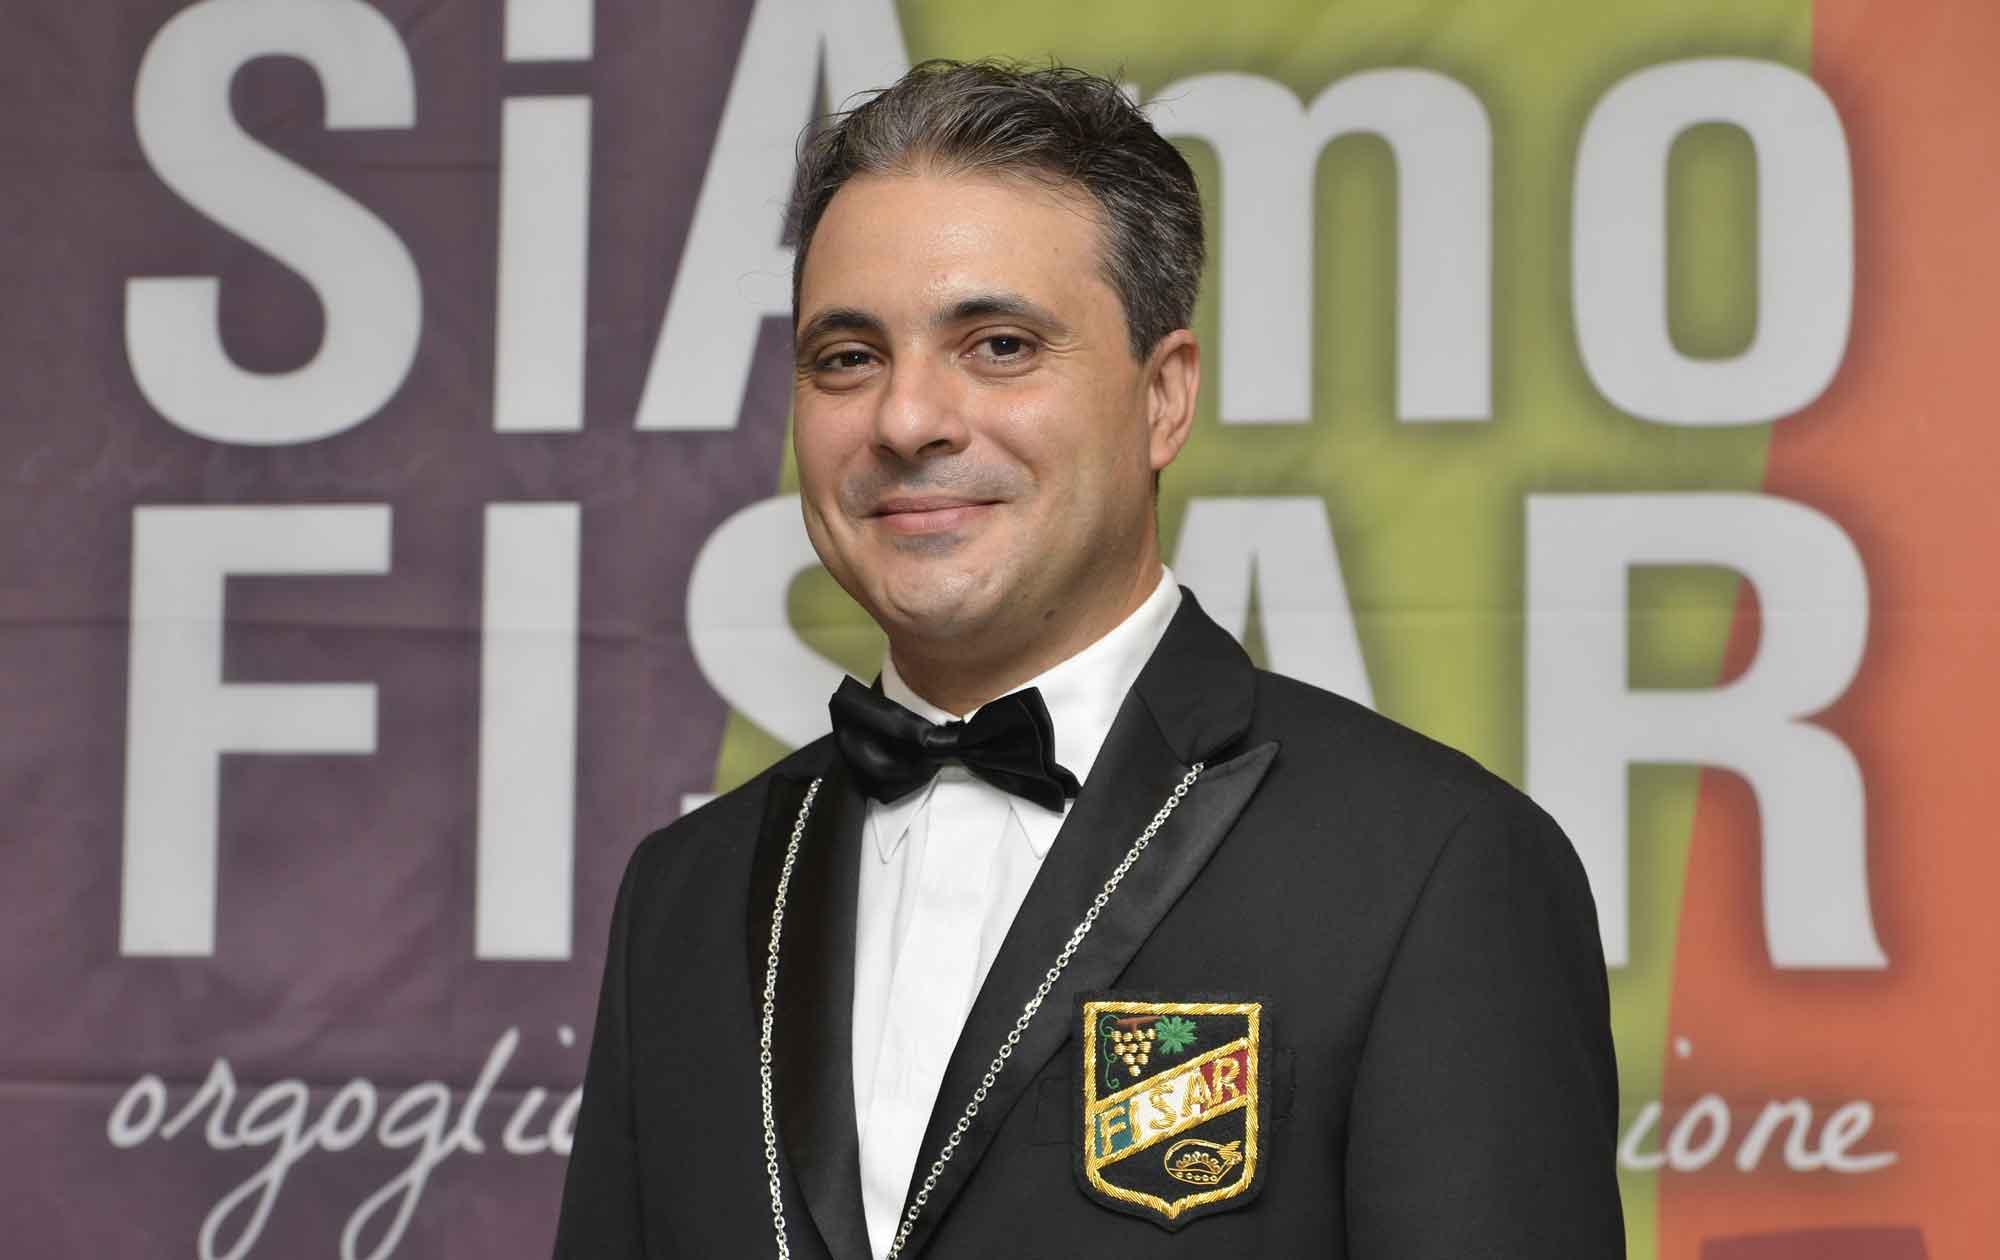 FISAR, Livio Del Chiaro Miglior Sommelier 2014